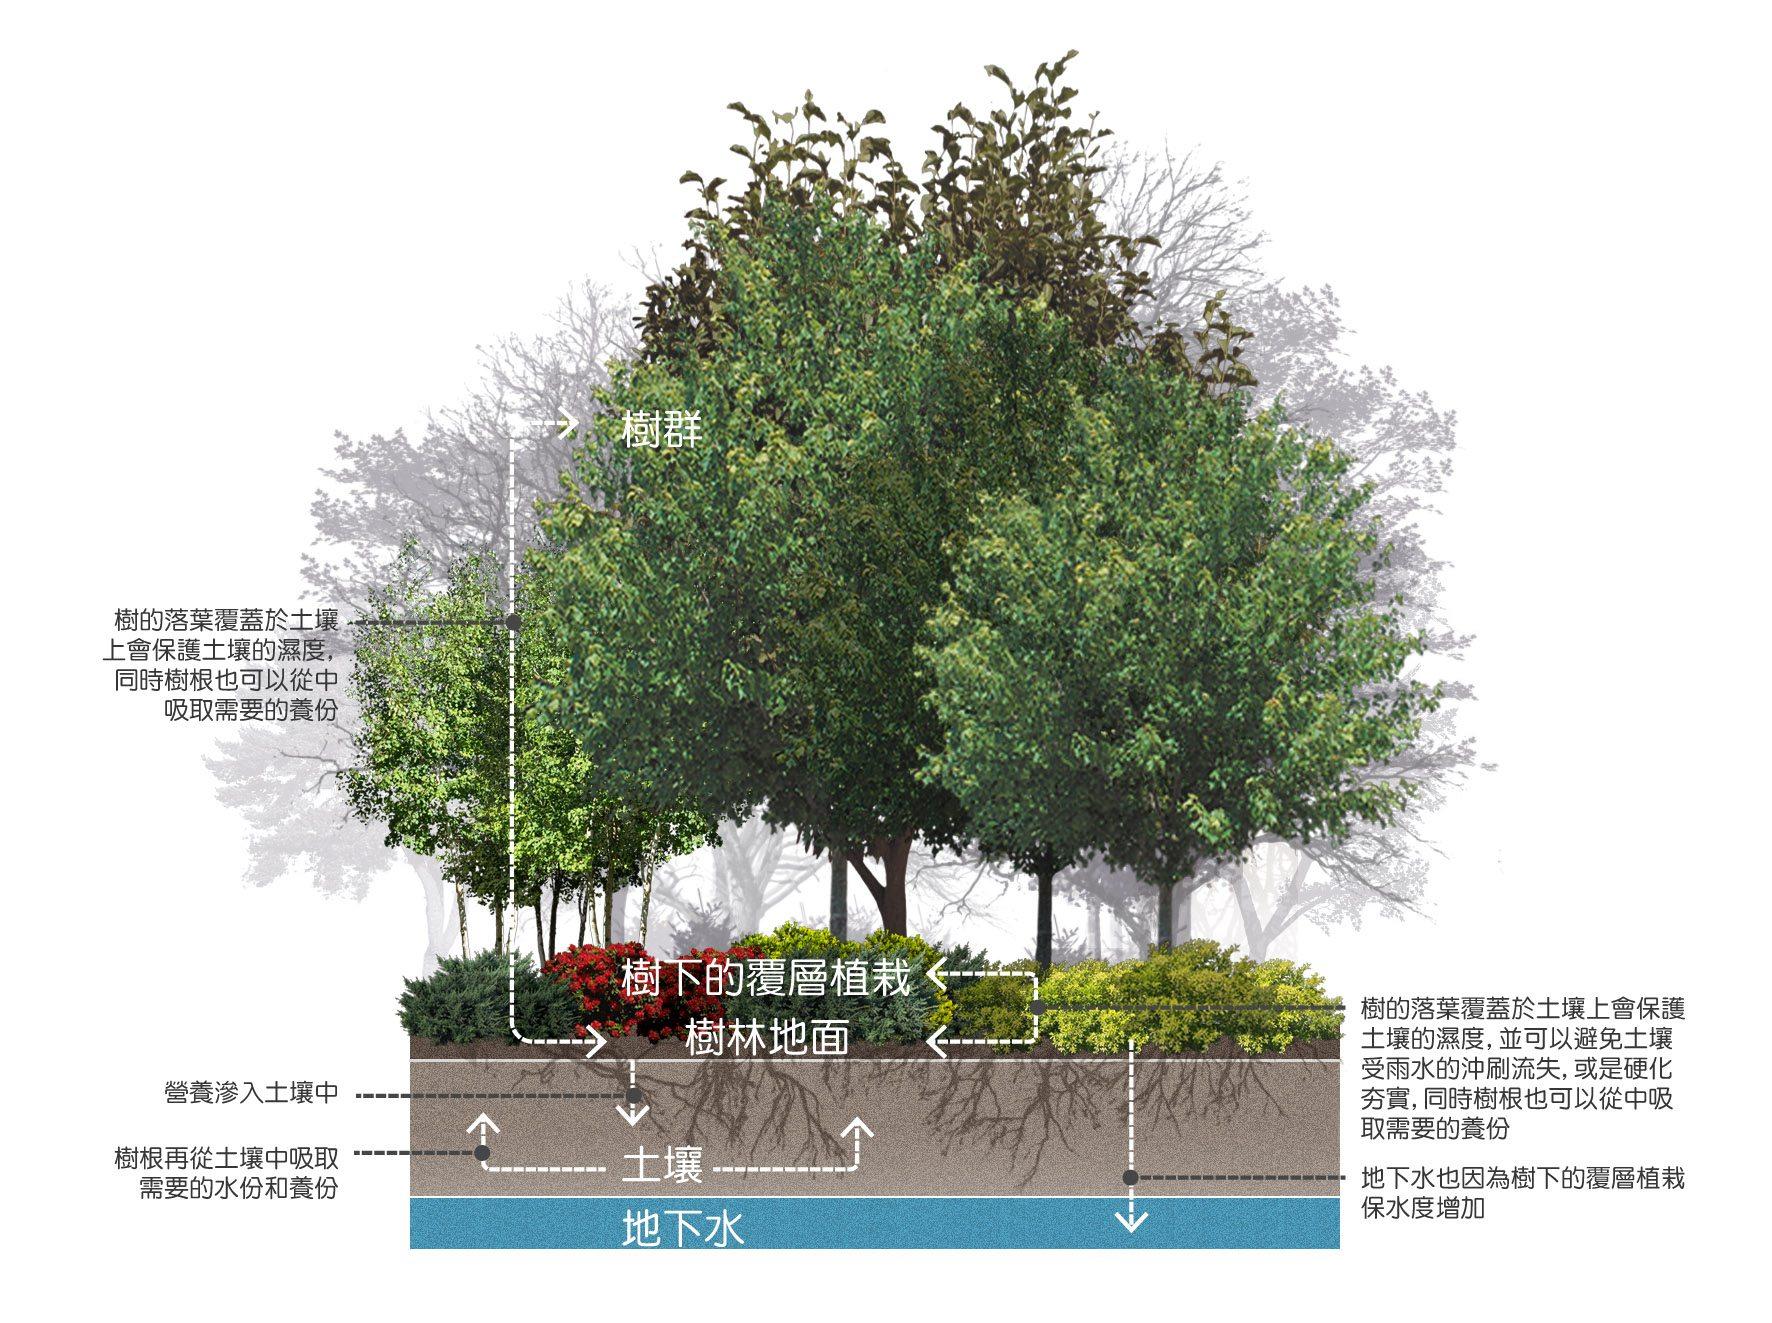 我們的公園Park II :永續生態公園的願景20